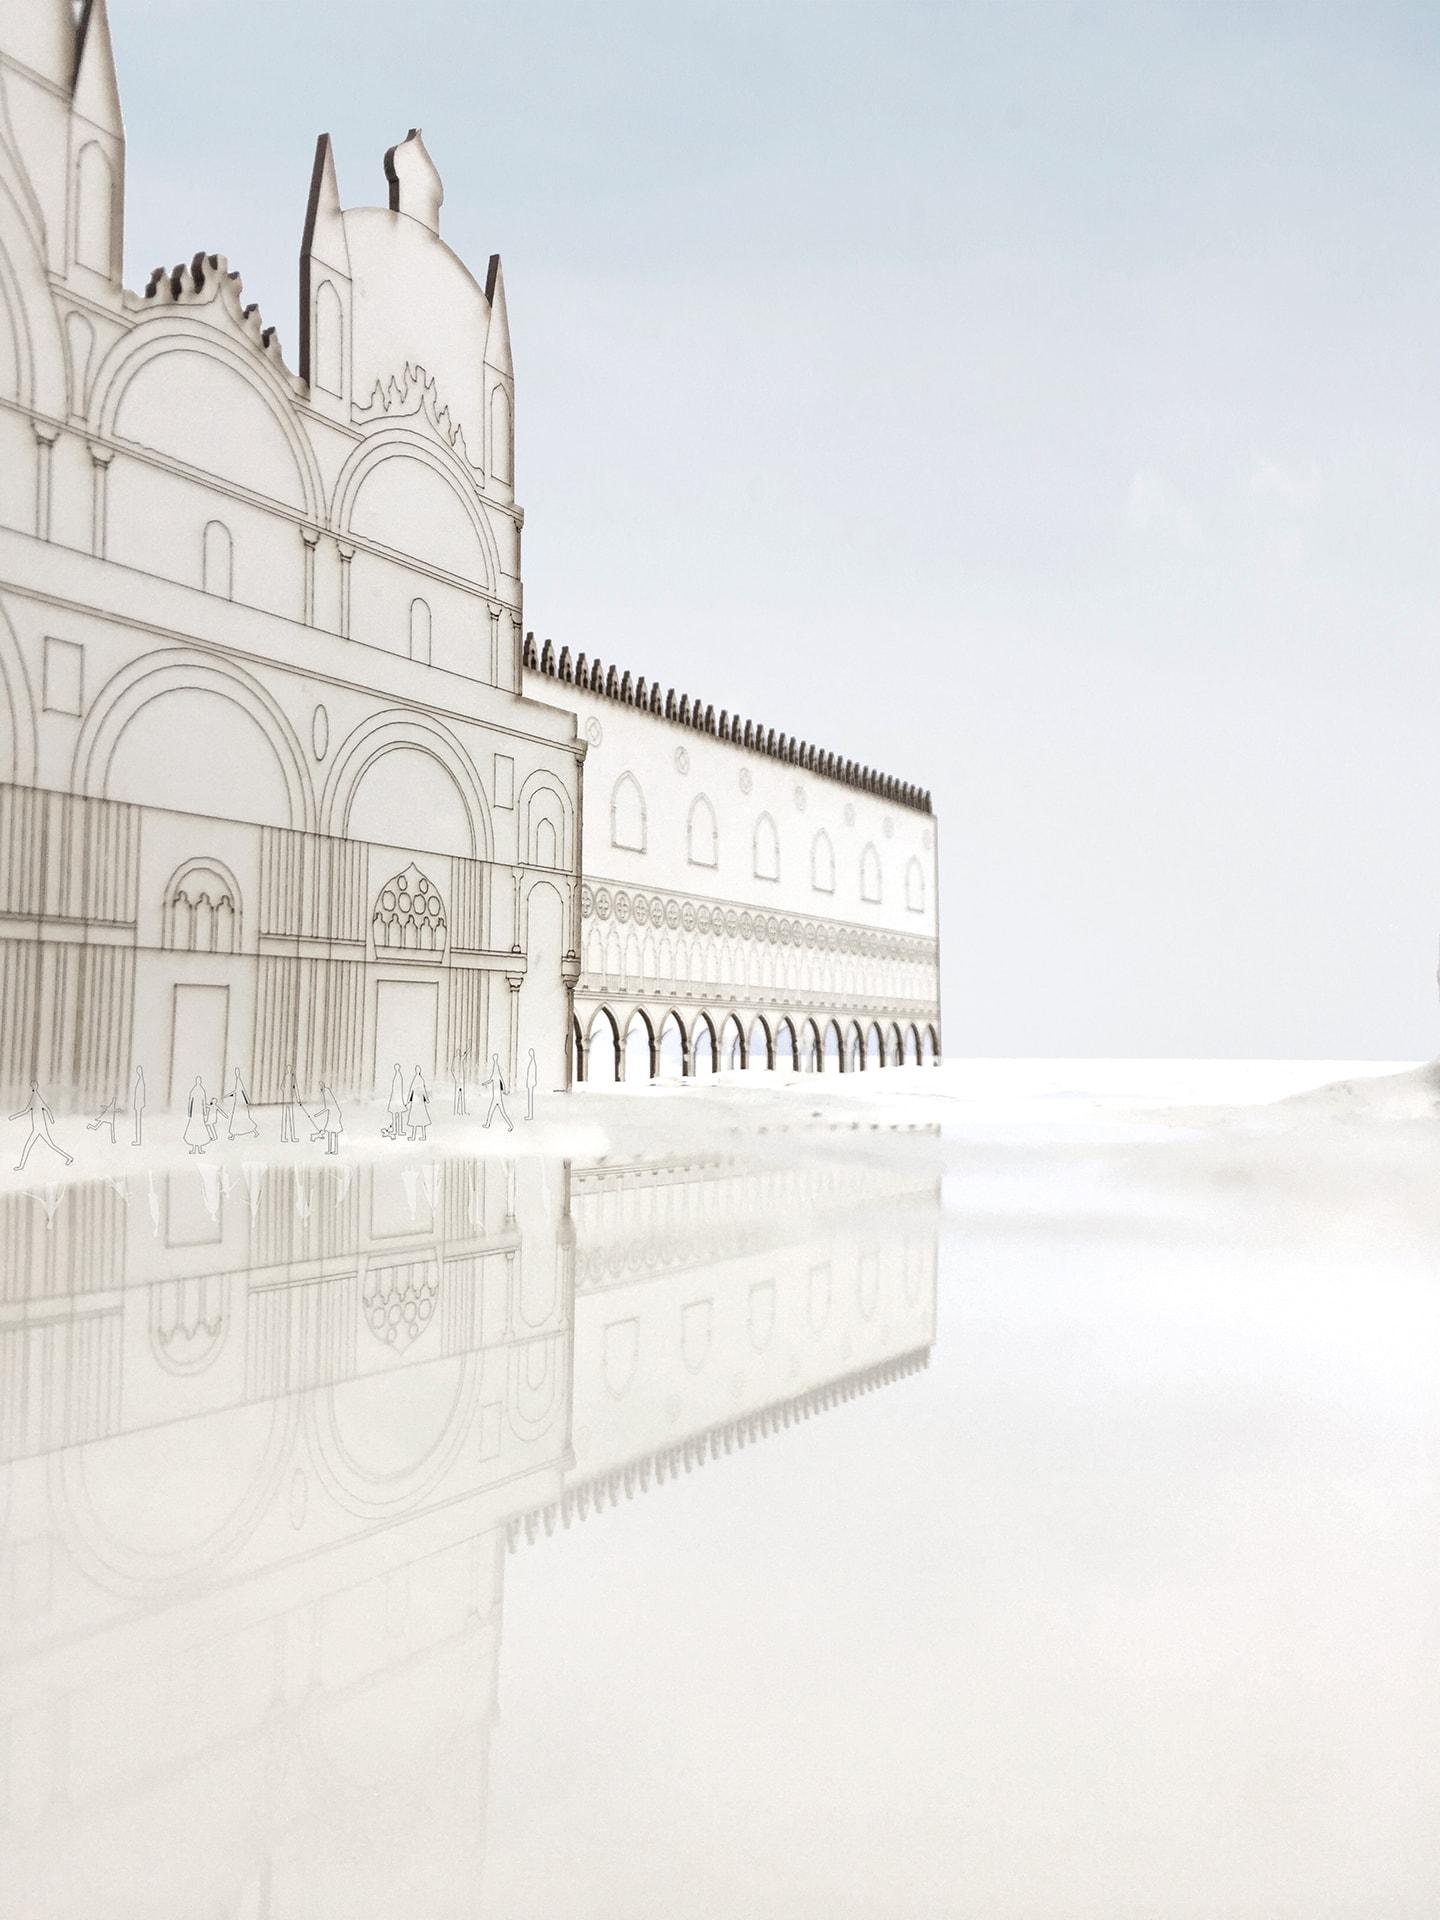 AcquaAlta_BarbaraStallone_architect_SouFujimotoArchitects_15